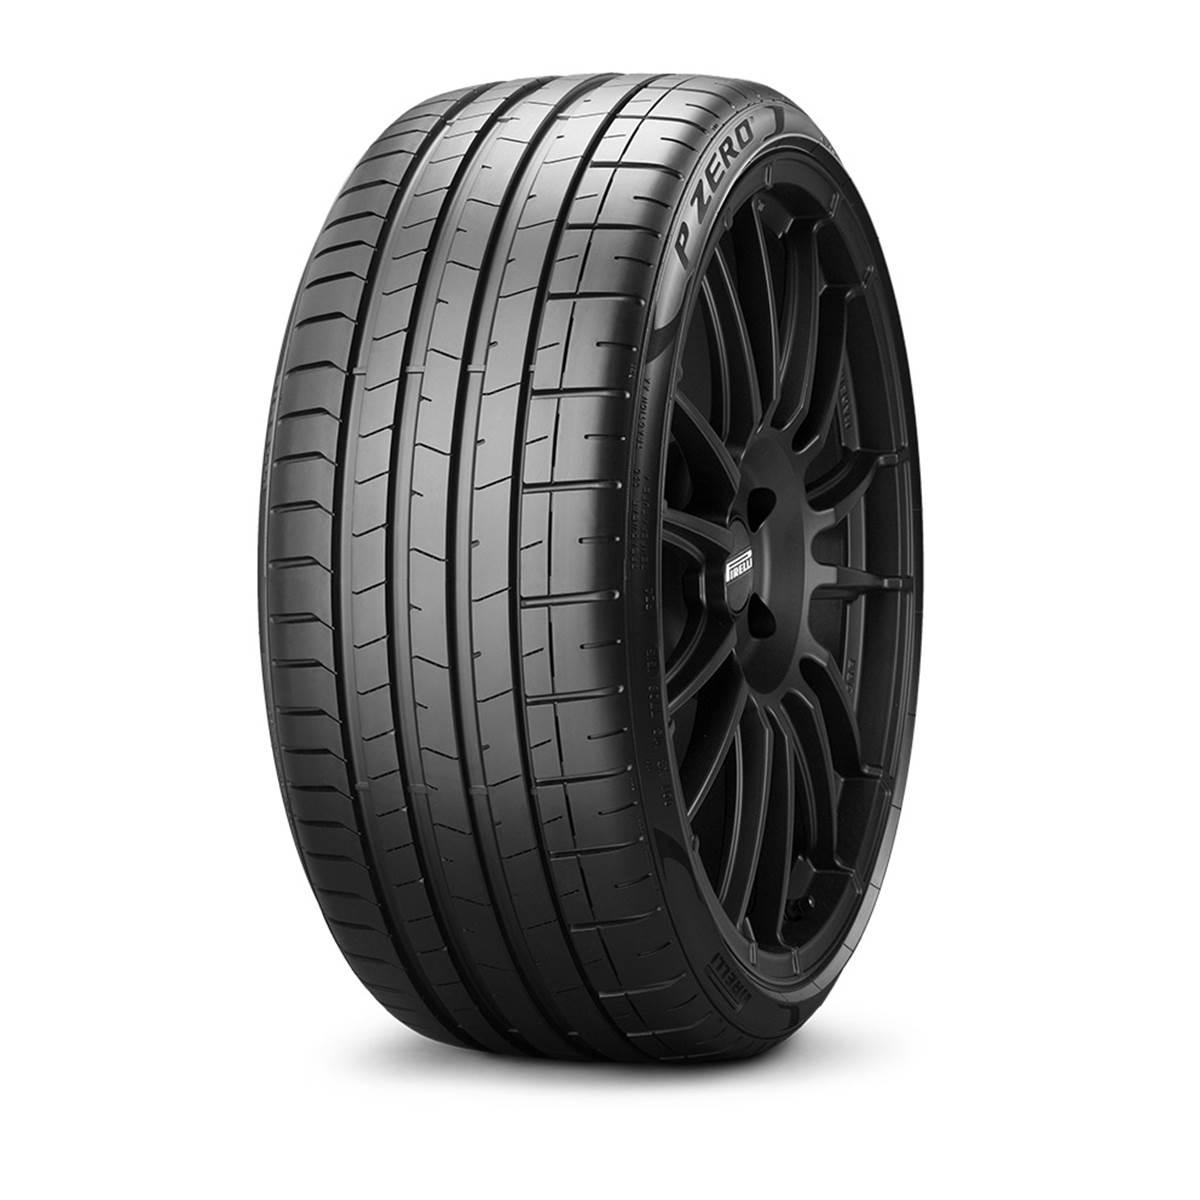 Pneu Pirelli 235/60R17 102Y Pzero